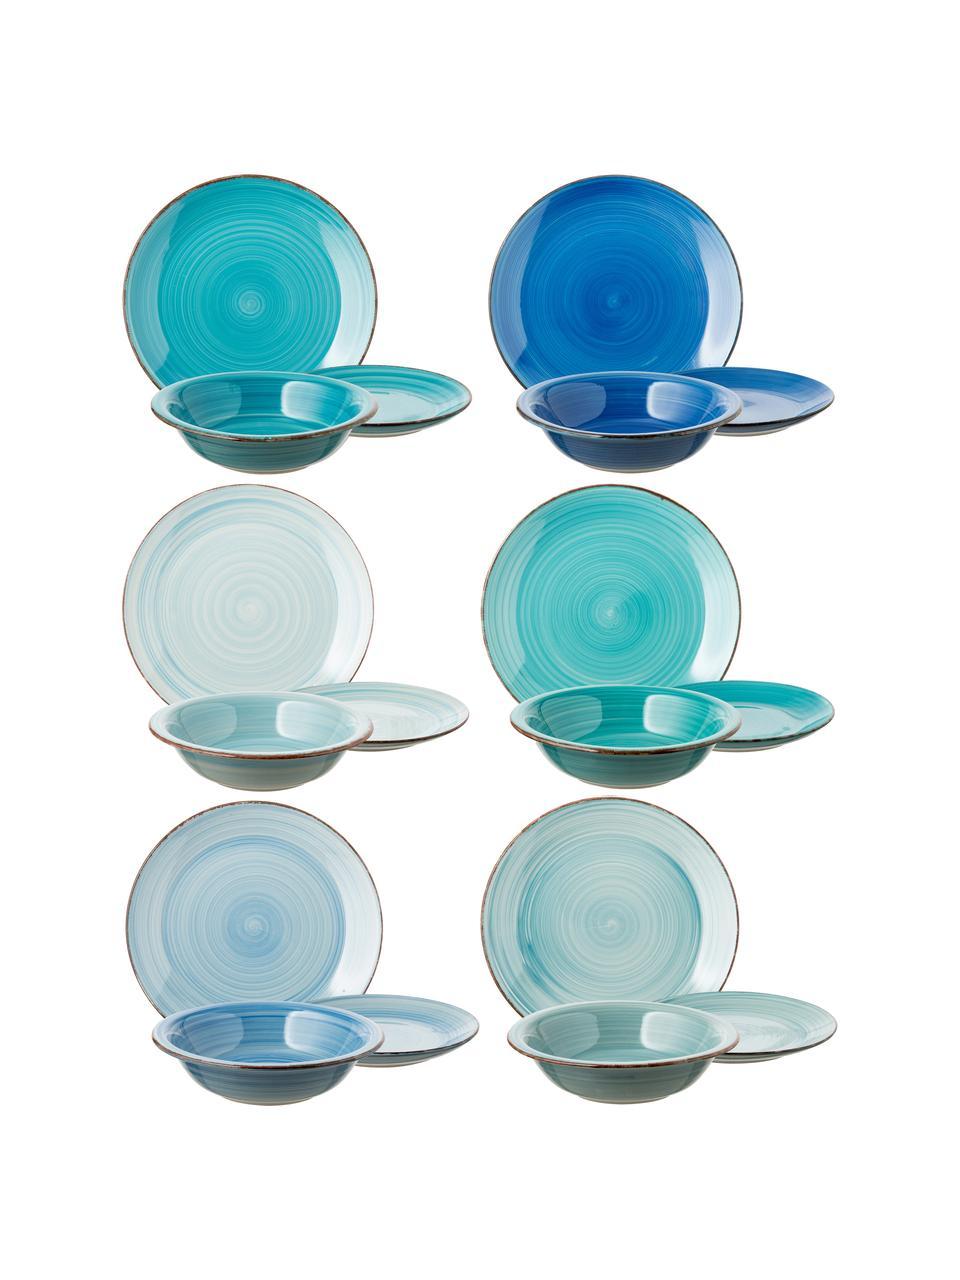 Set 18 piatti dipinti a mano in tonalità blu per 6 persone Baita, Terracotta (Hard Dolomite), dipinto a mano, Tonalità blu, menta, turchesi, Set in varie misure